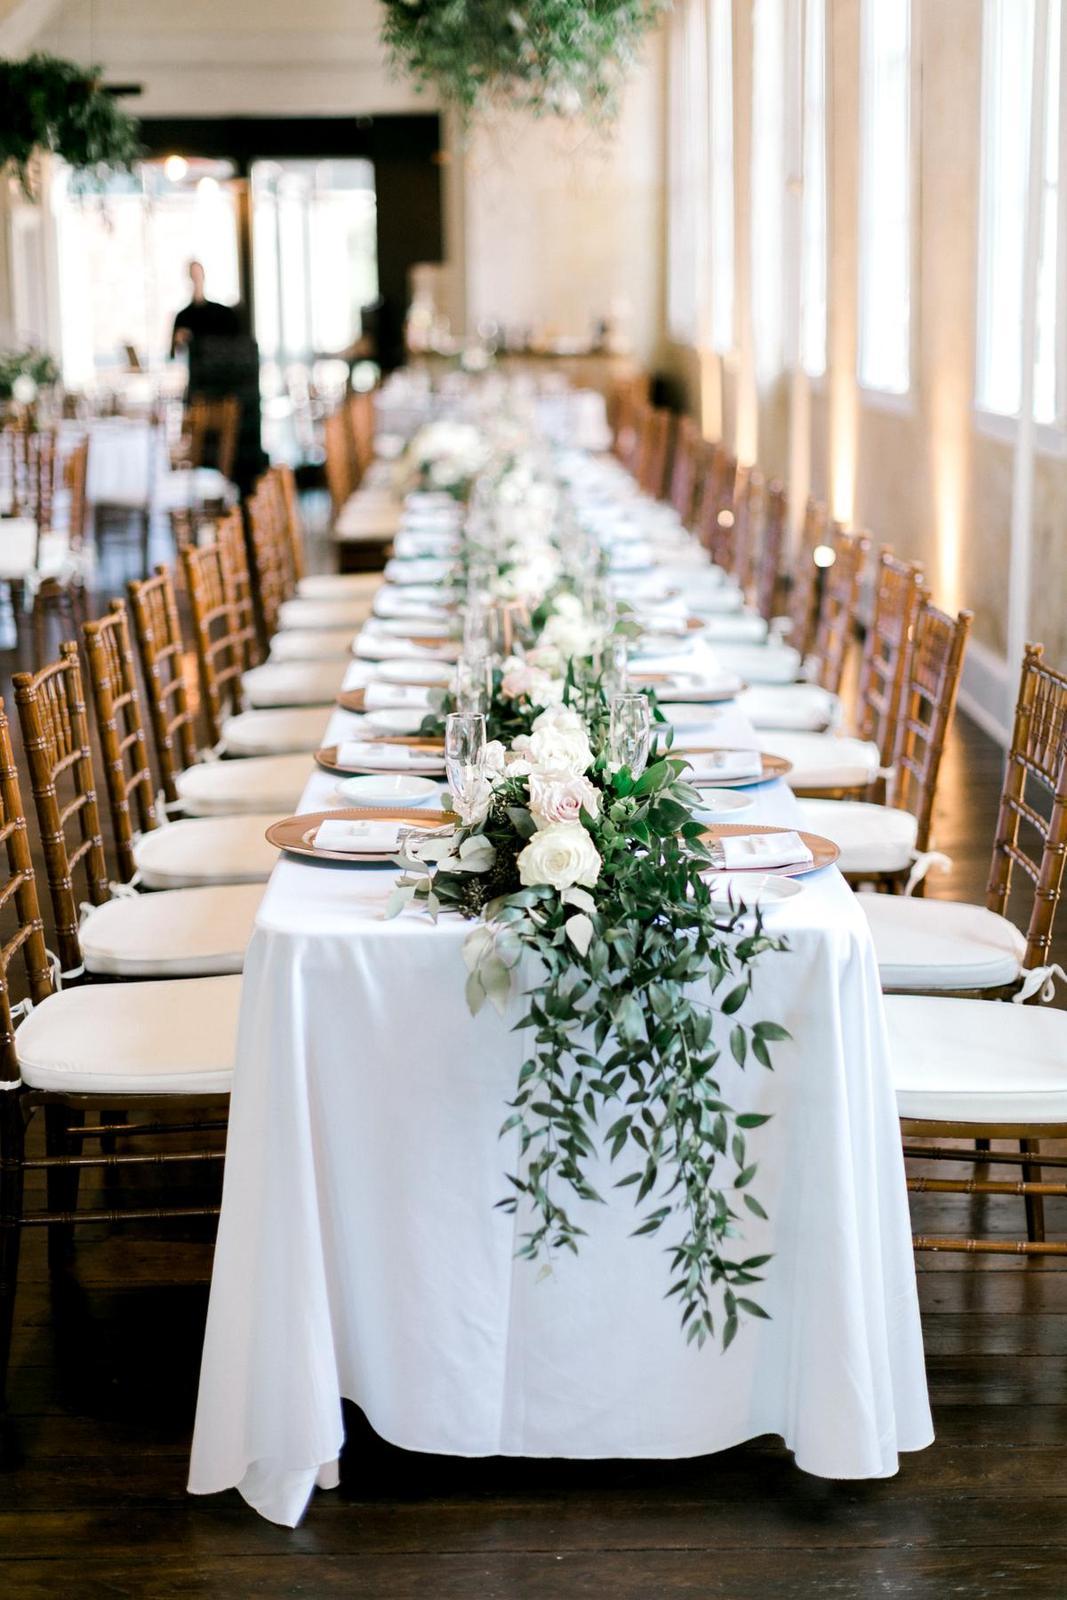 Inšpirácie na svadobné stolovovanie - Obrázok č. 16